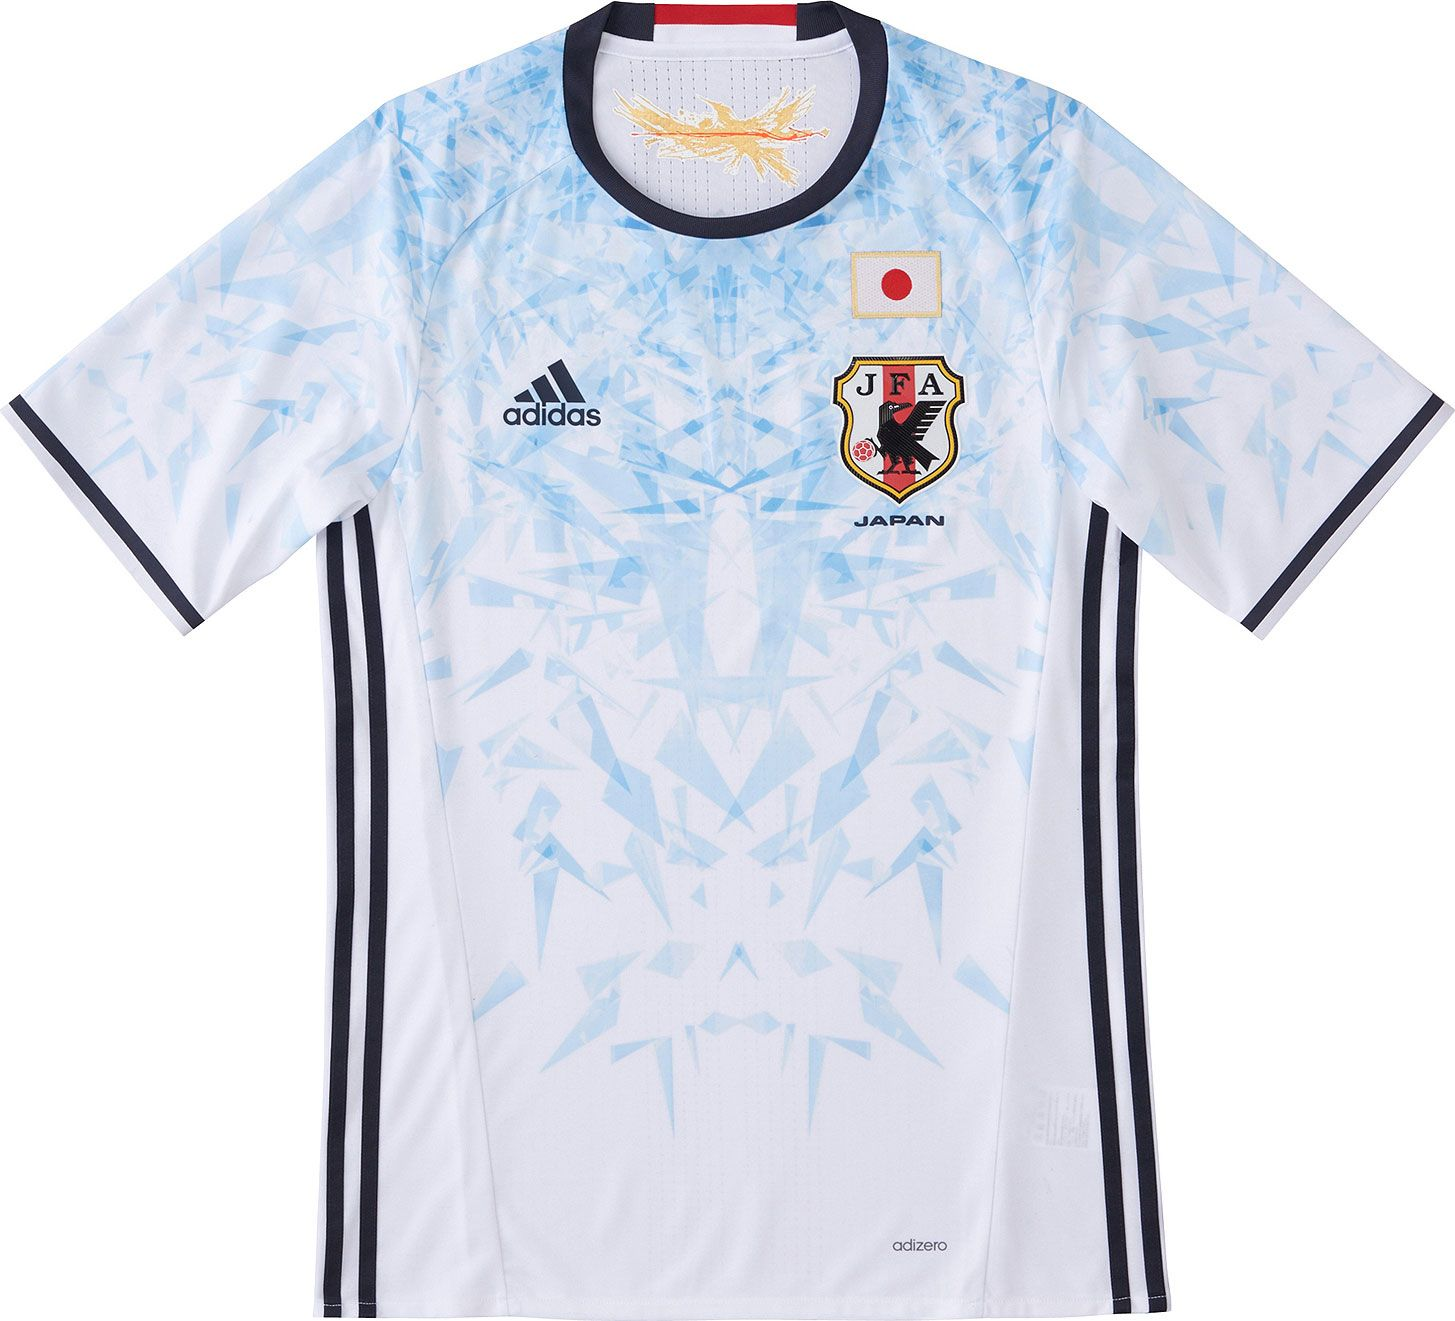 Adidas apresenta novas camisas da seleção do Japão - Show de Camisas ... 71d4671a421fc